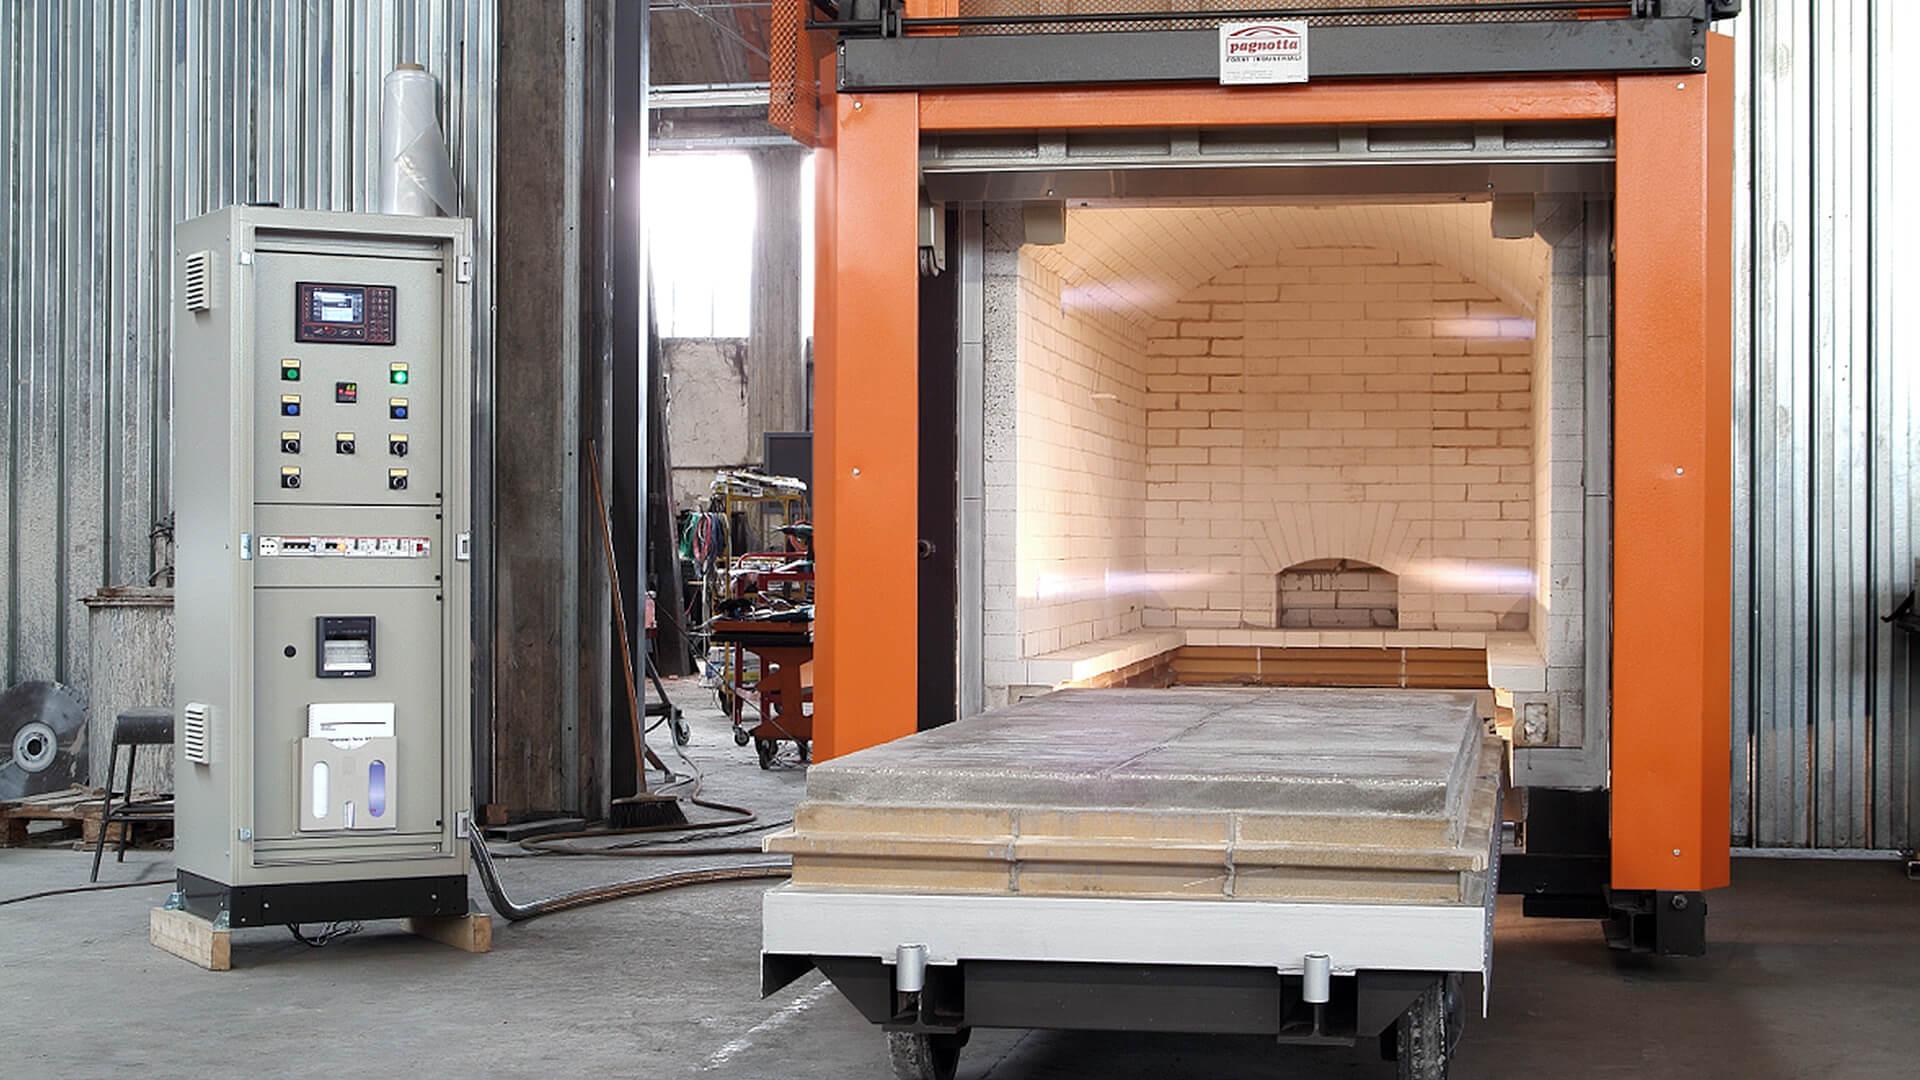 Forno industriale per Forno con porta verticale a ghigliottina | Pagnotta Termomeccanica